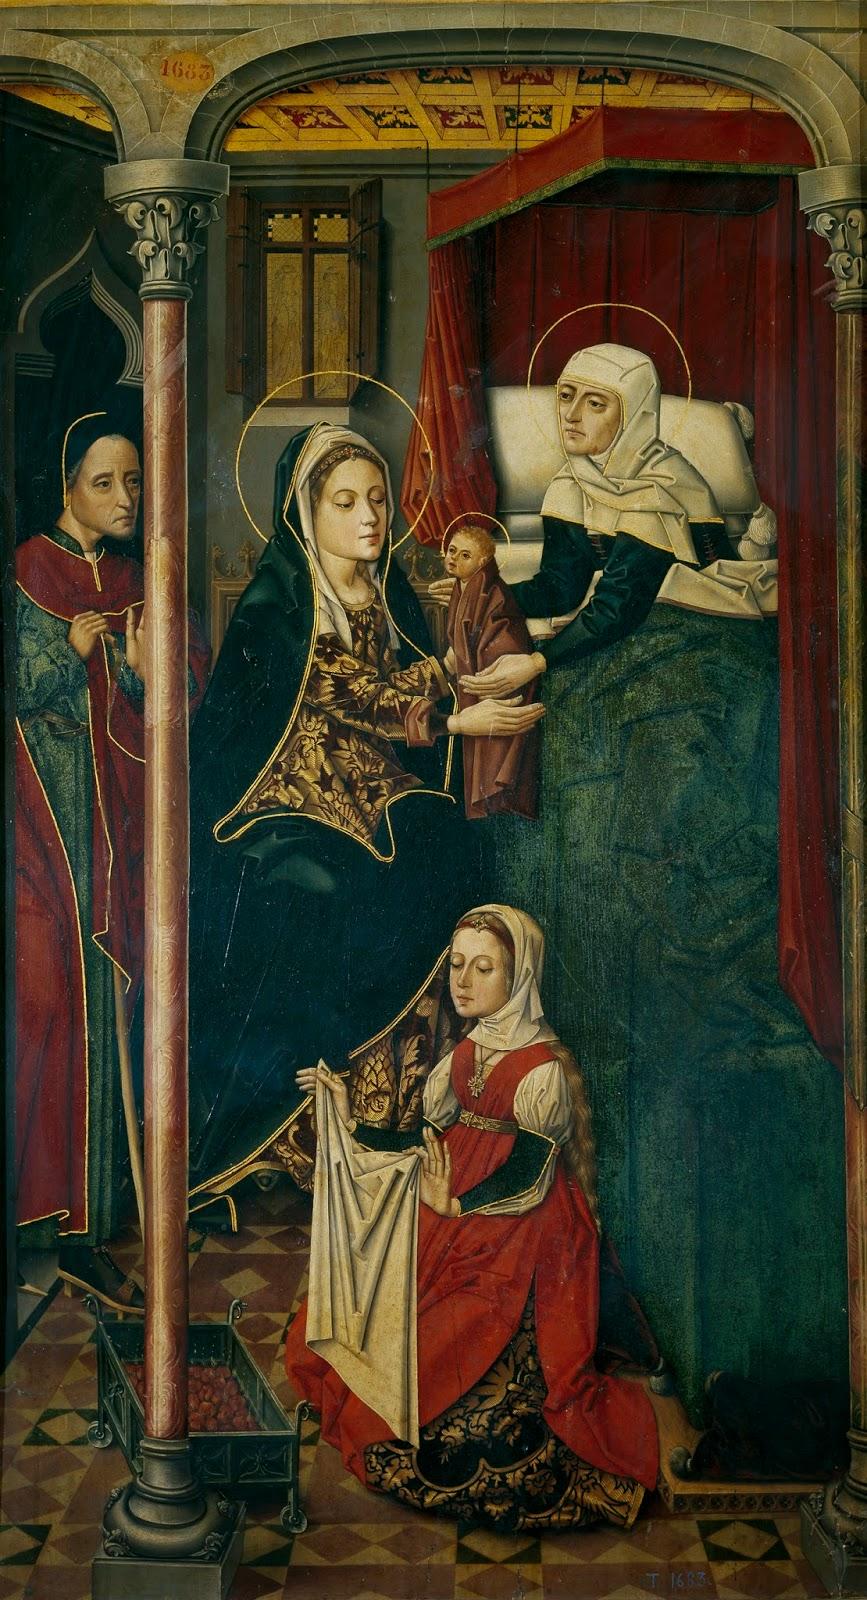 Imágenes: Maestro de Miraflores. El nacimiento de san Juan Bautista